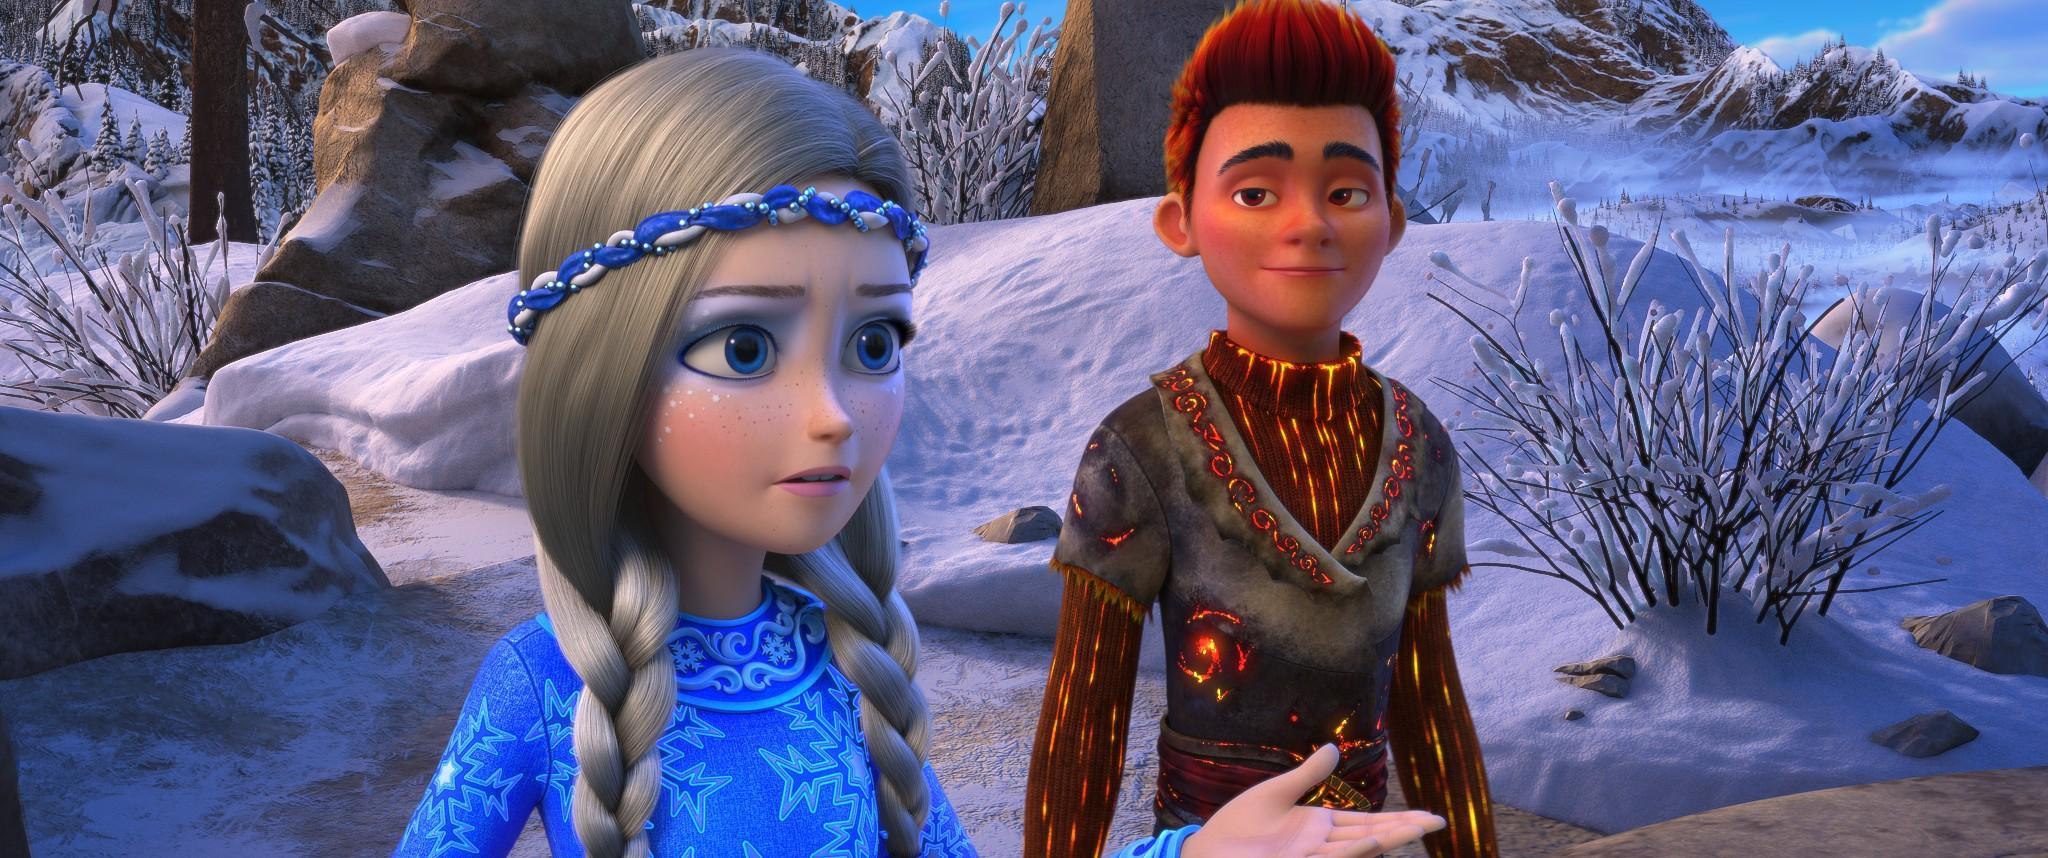 Снежная королева 3 смотреть бесплатно онлайн в хорошем